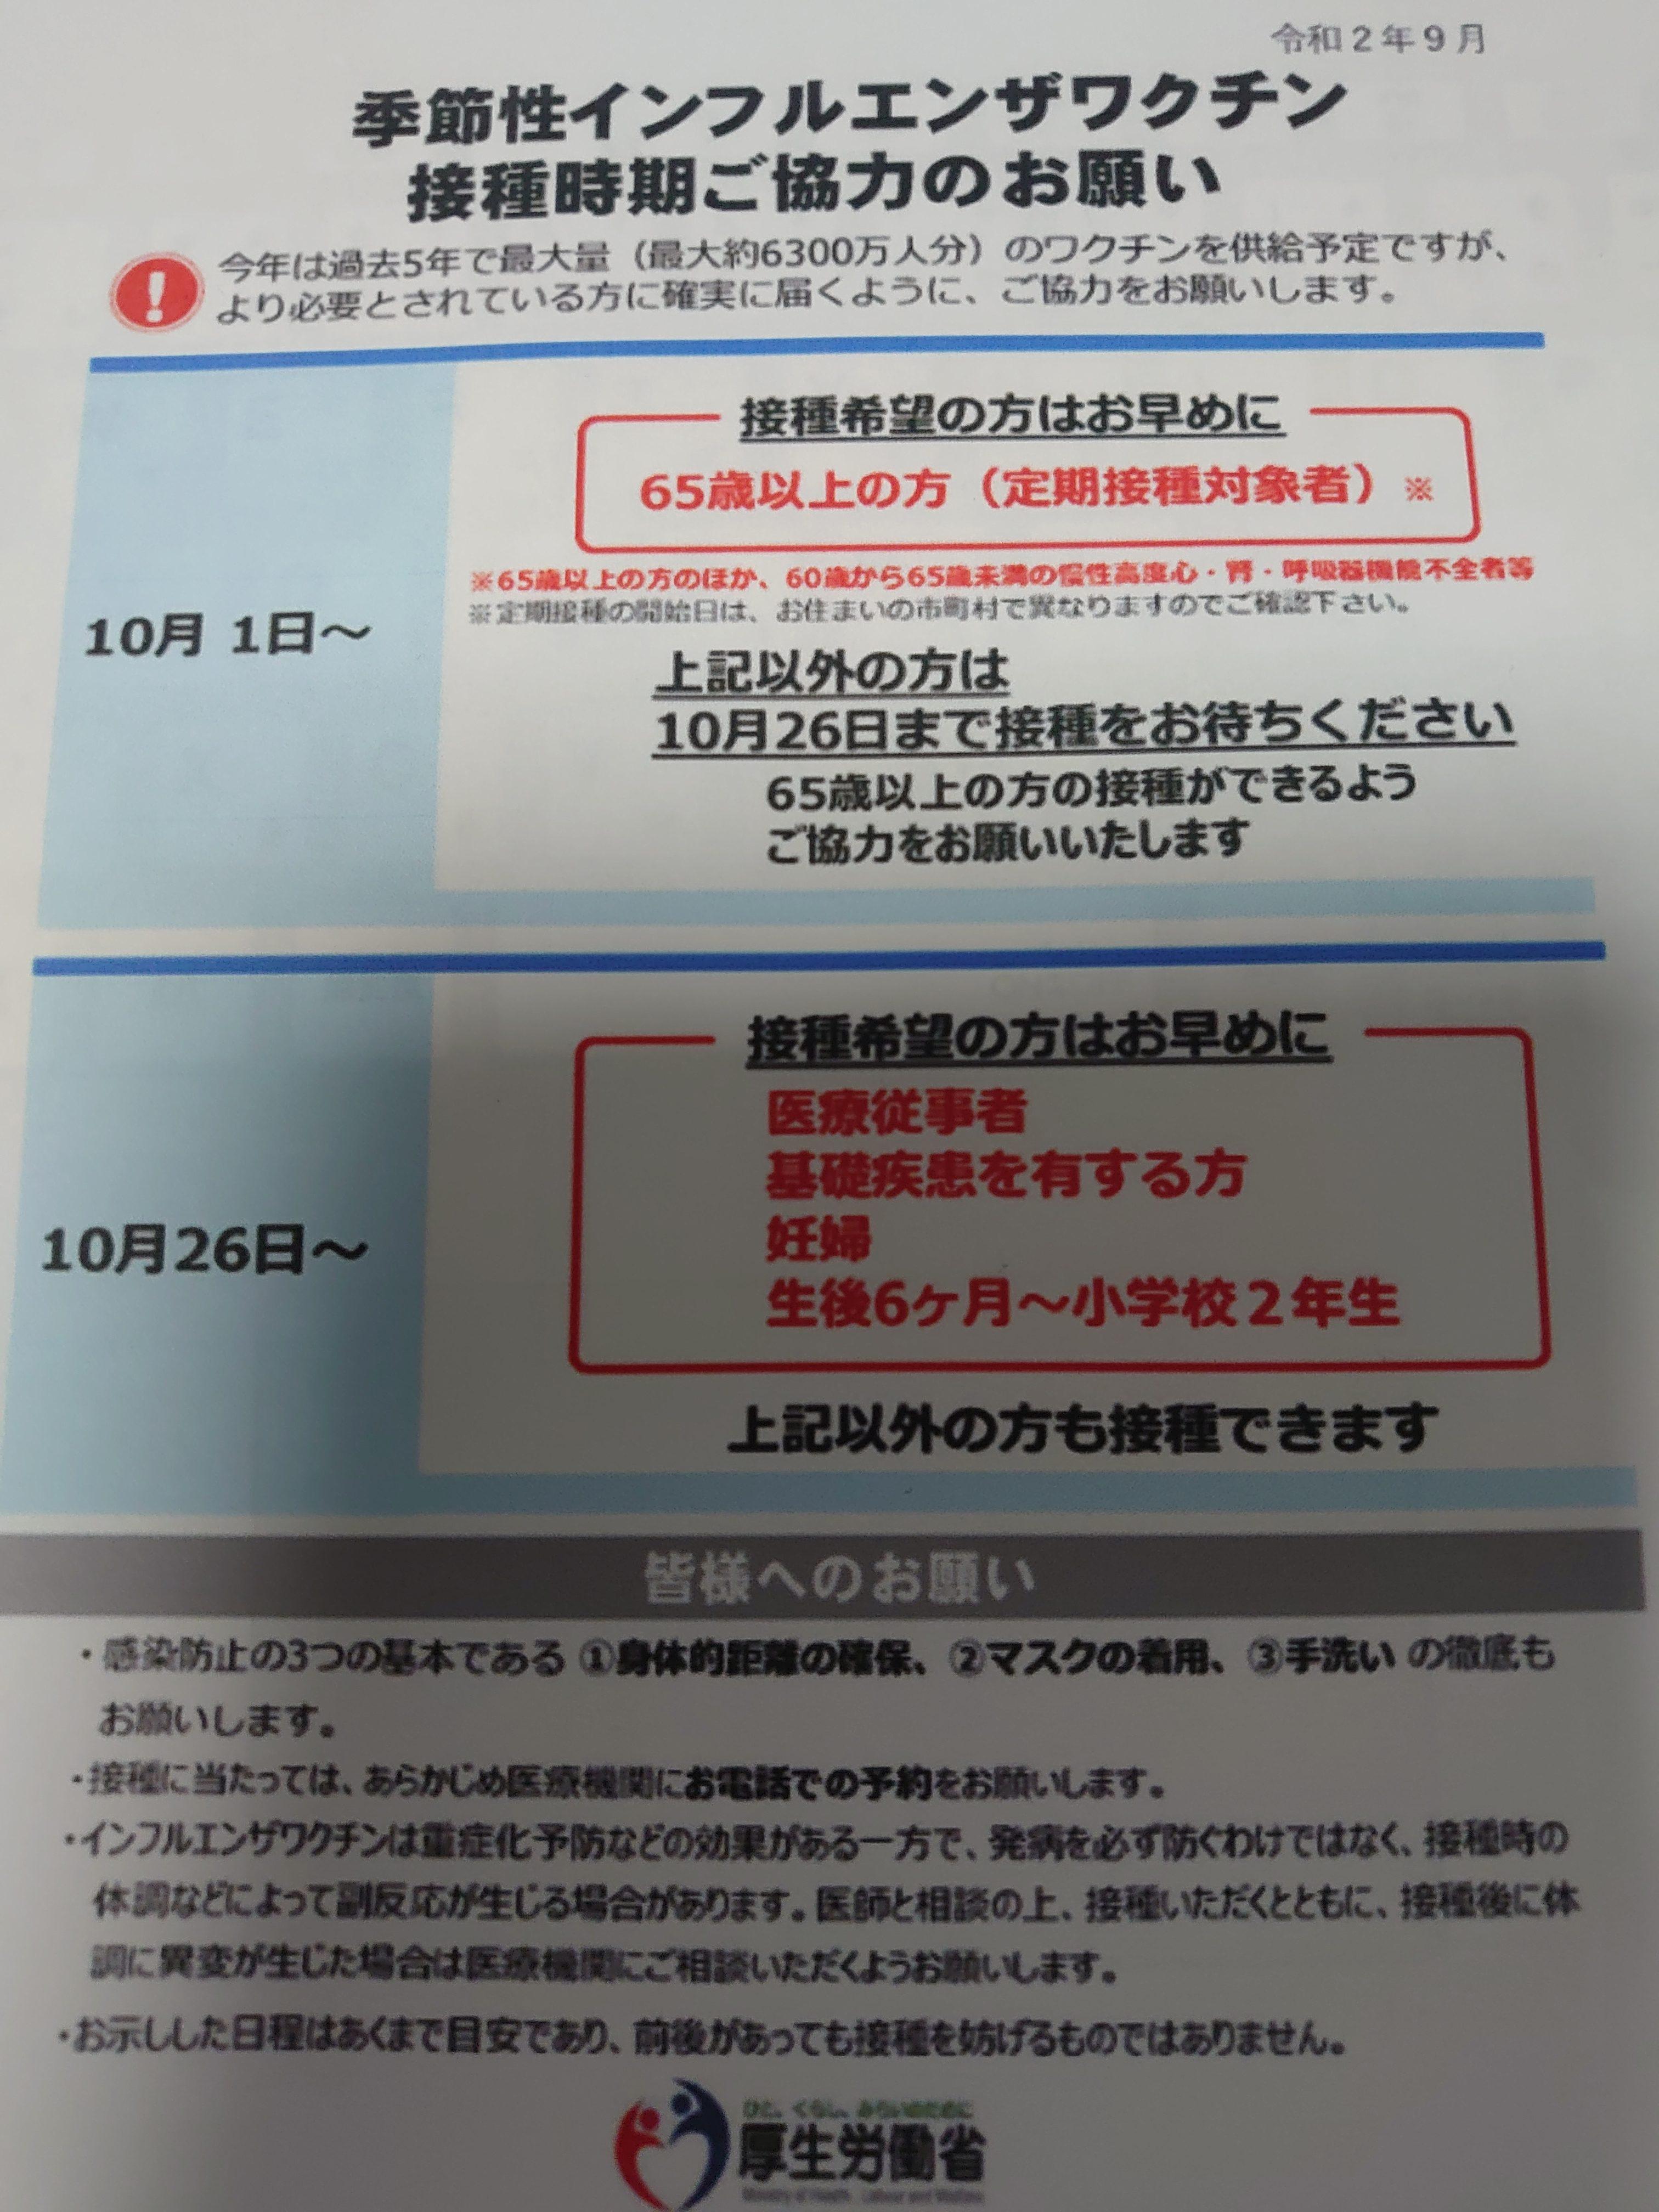 労働省 インフルエンザ ワクチン 厚生